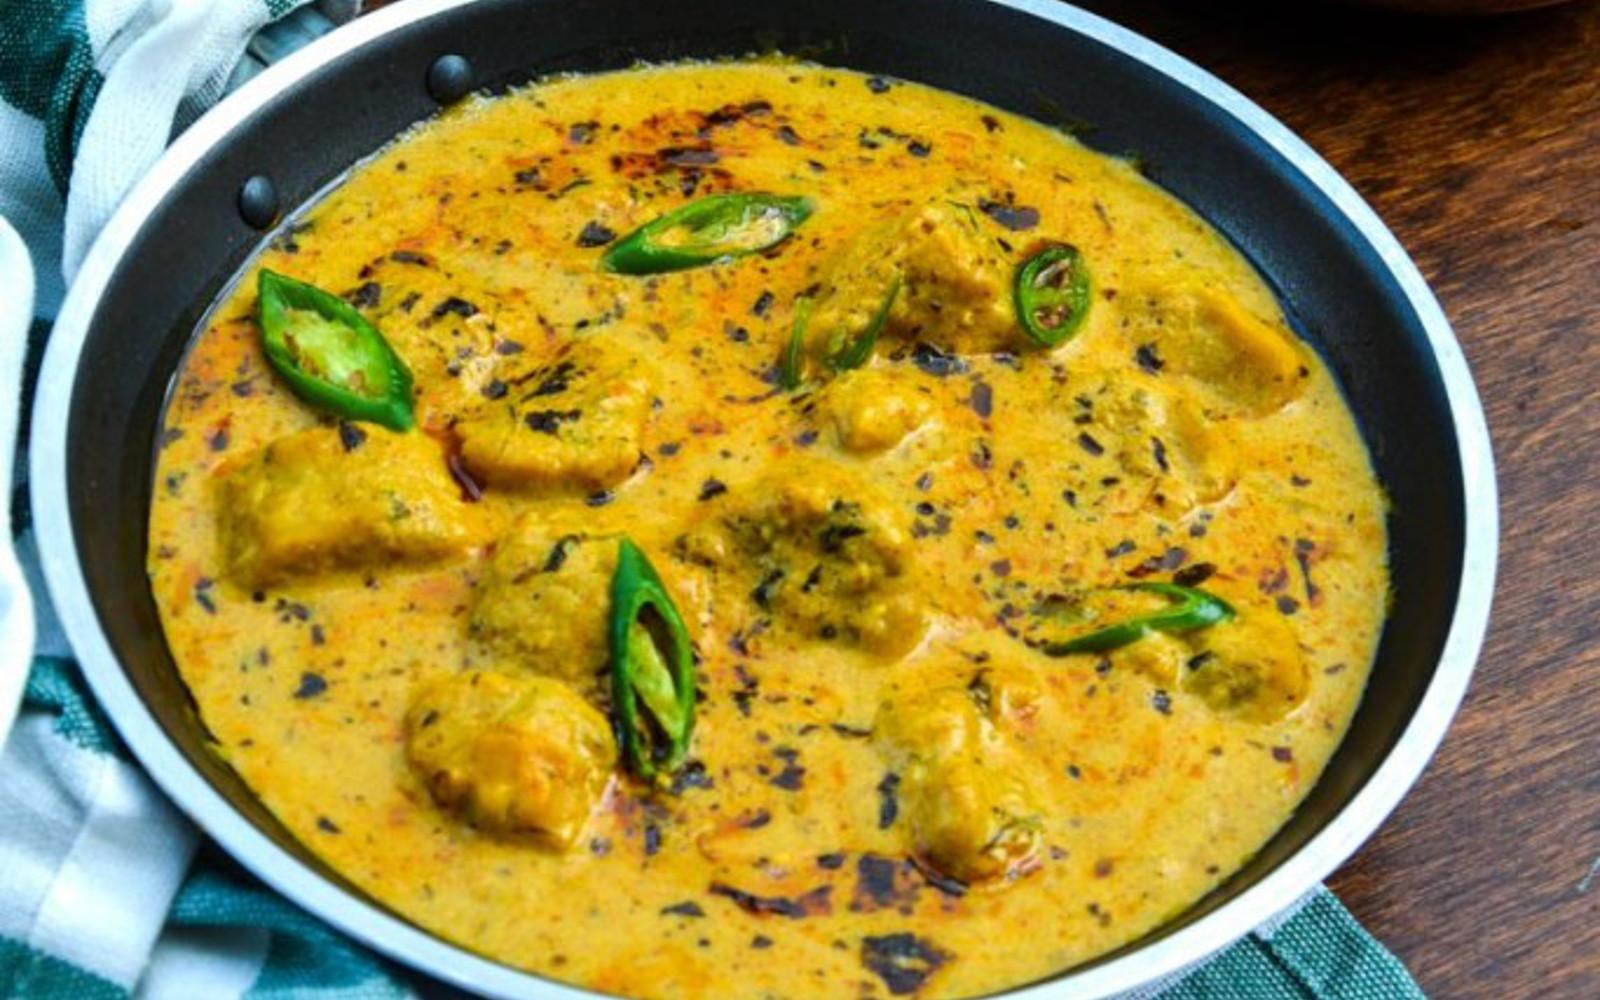 Besan Gatte Ki Sabzi/Gatta Curry